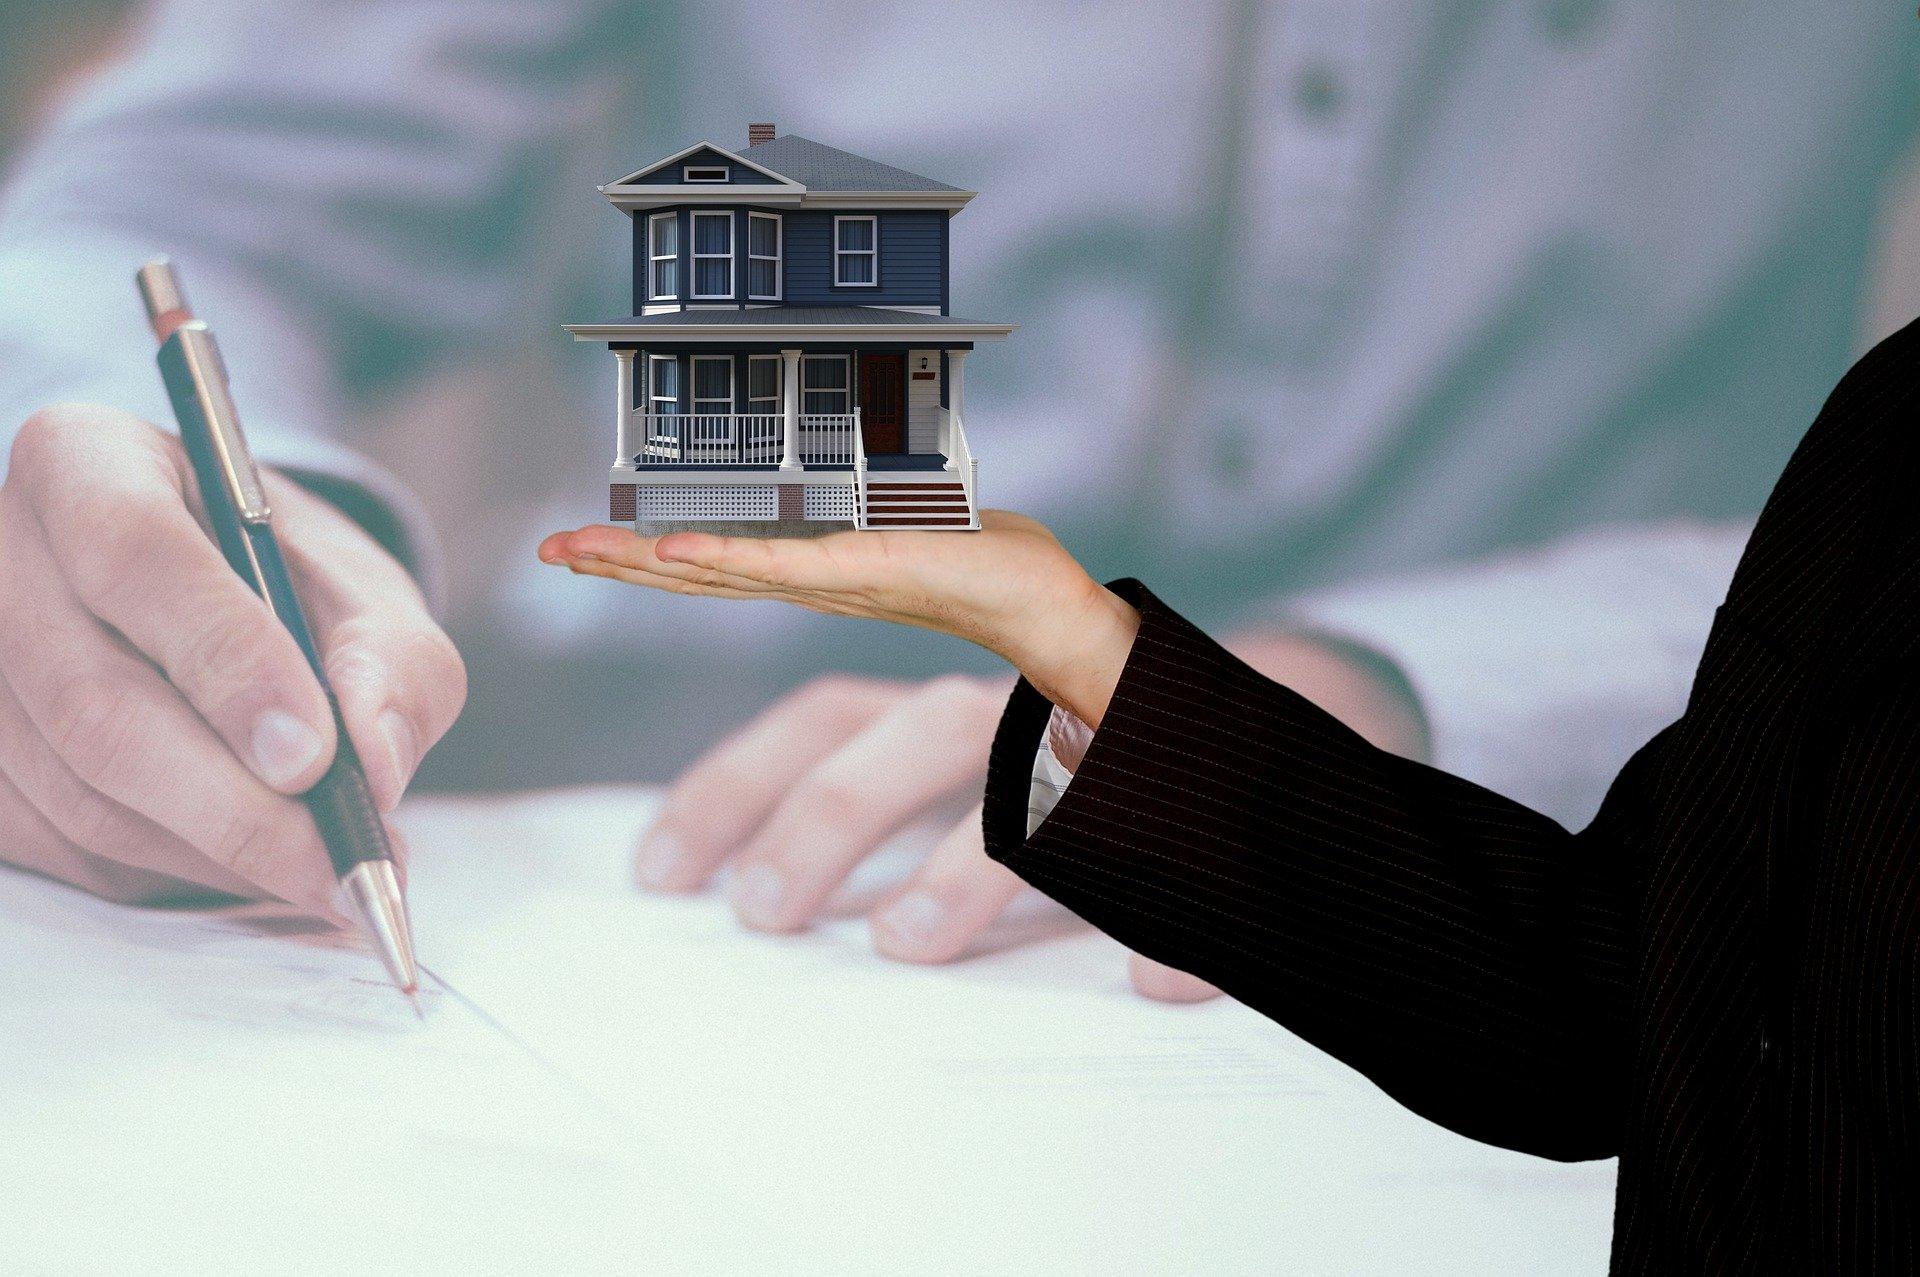 期間工でもアパートを借りることは可能です